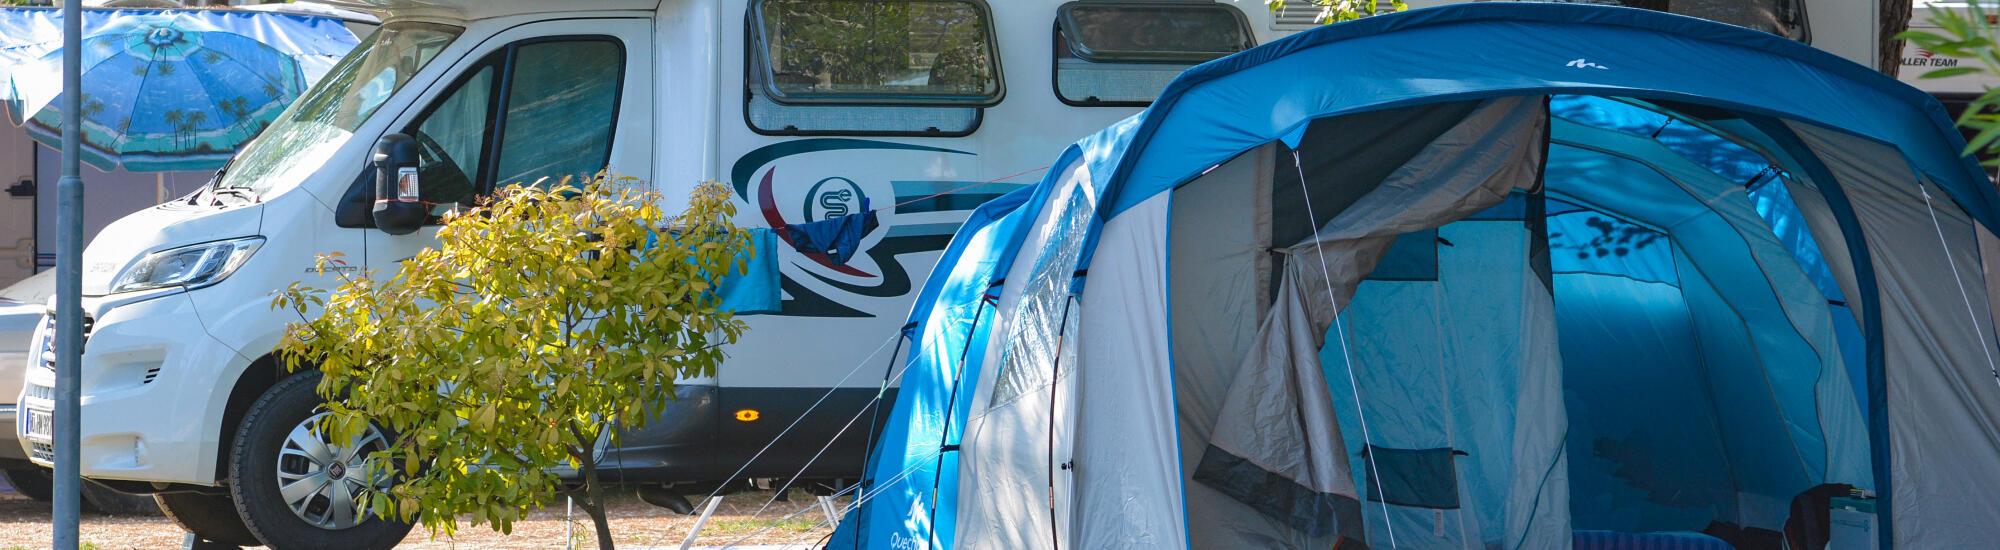 Juli-Woche auf einem Stellplatz: Familienpaket im Camping-Village in Bibione